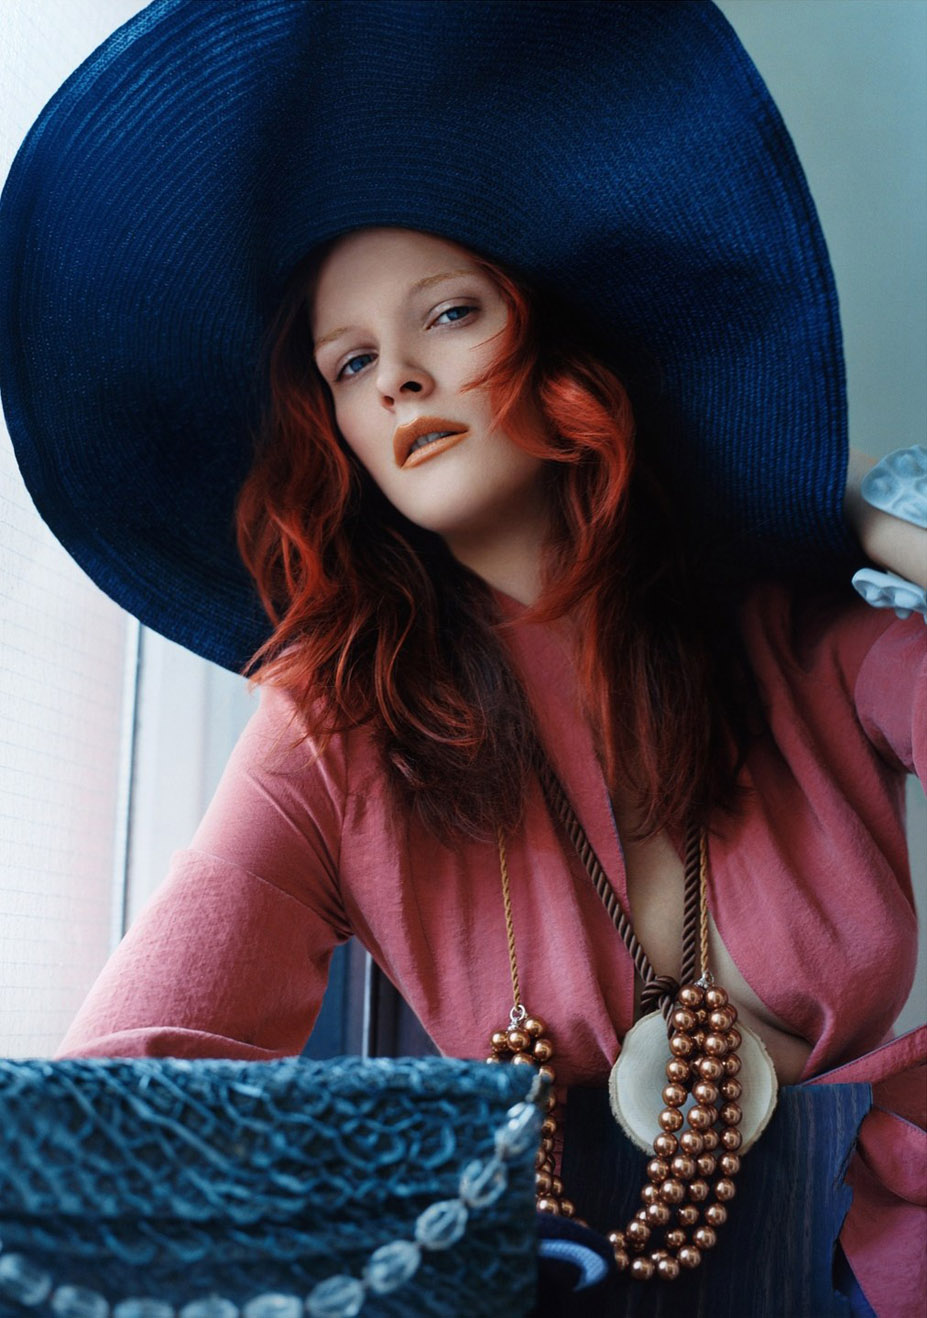 Кармен Касс / Carmen Kass by Solve Sundsbo - Harper's Bazaar april 2005